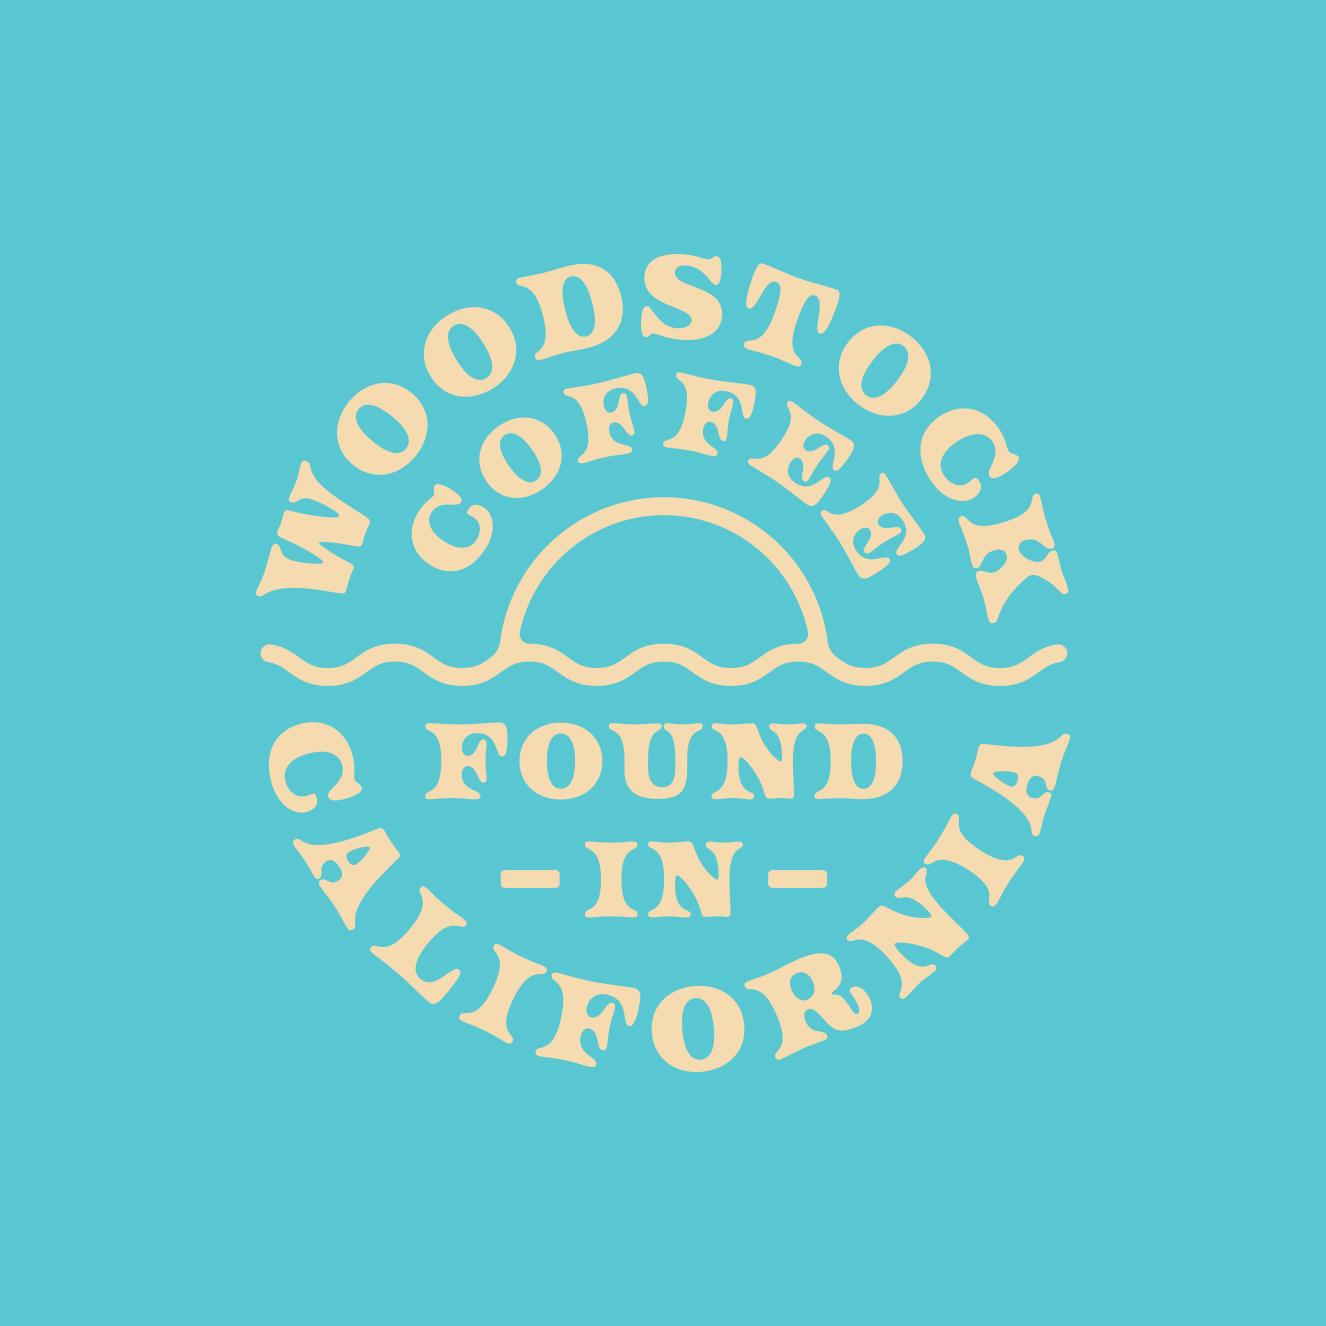 woodstock8.jpg